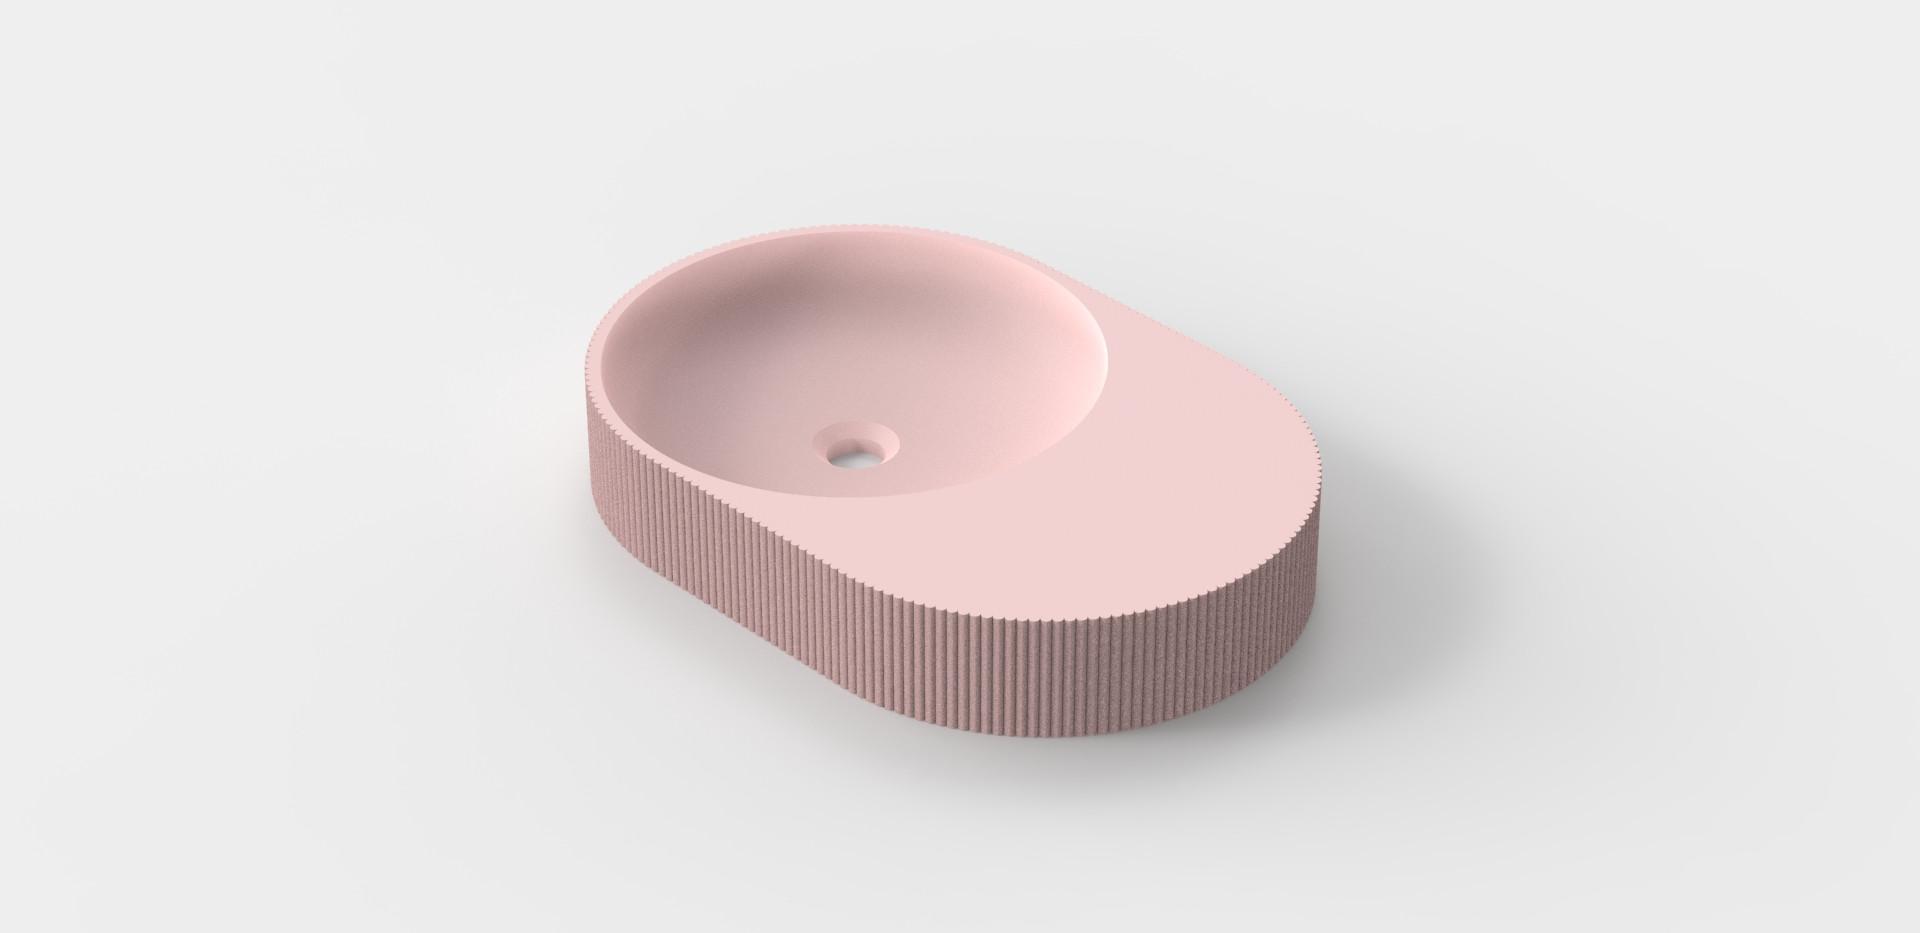 C-01 Rose Pink persp.jpg